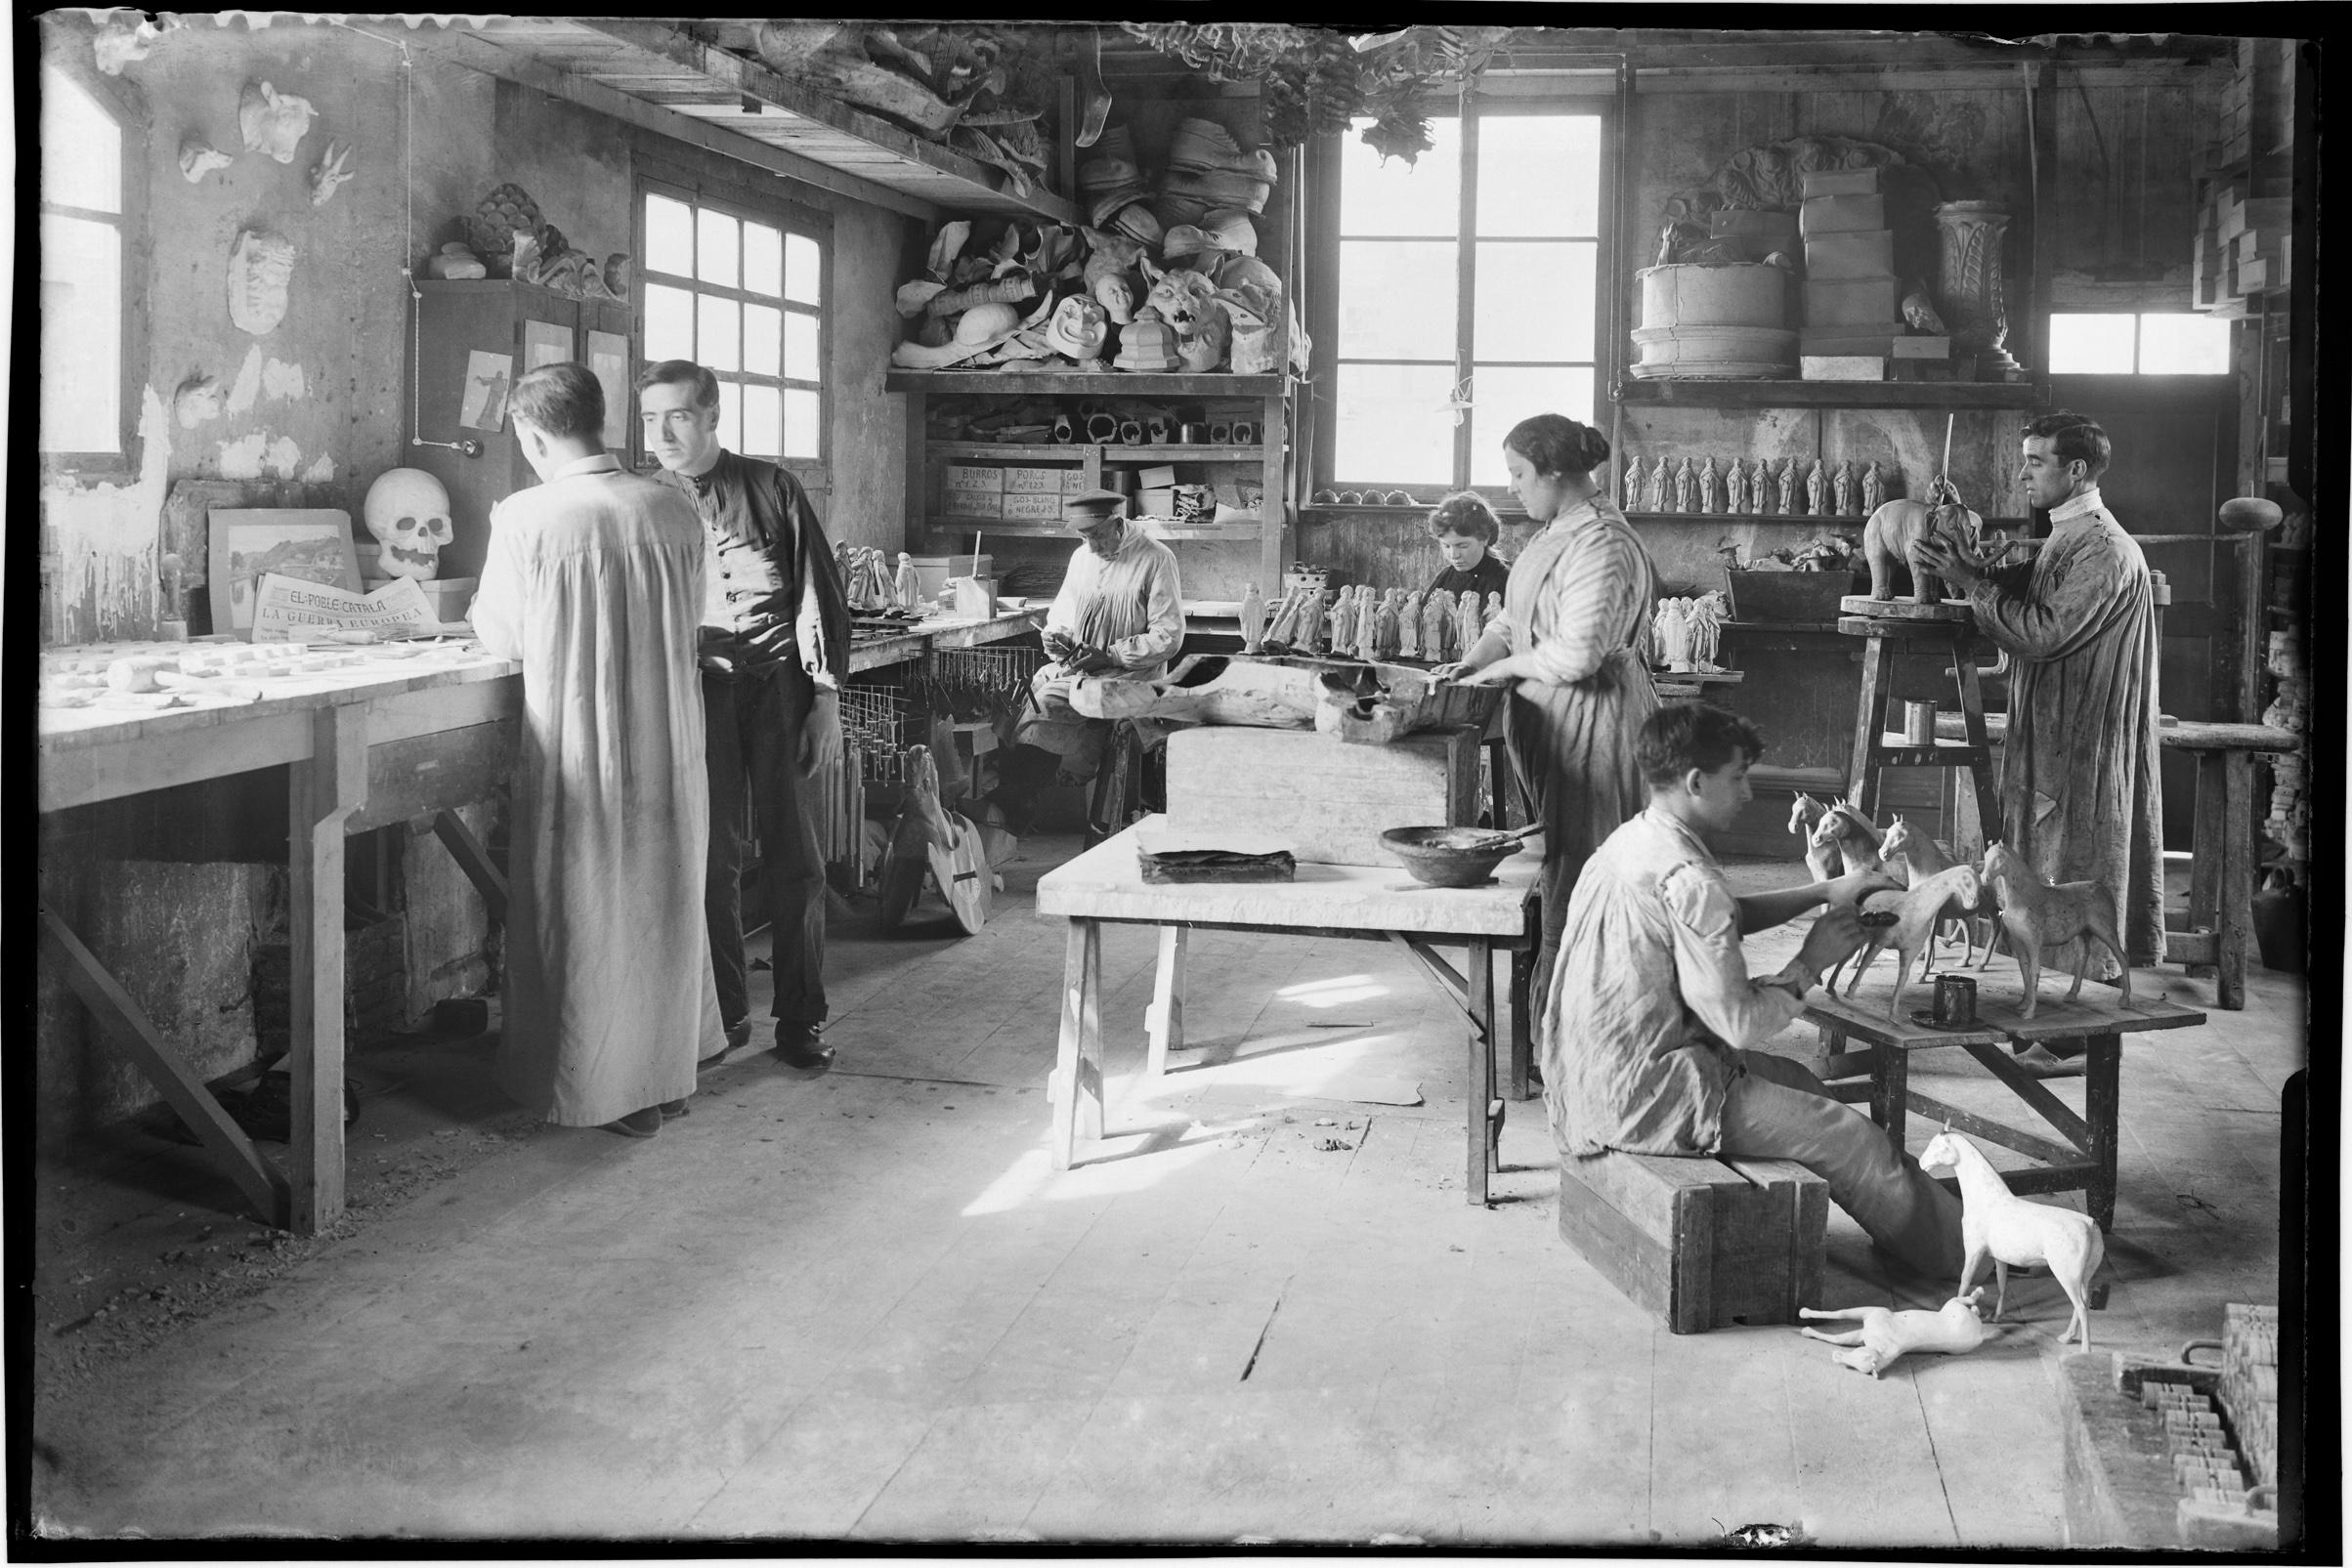 Fábrica de juguetes. Taller de pintura. Barcelona, c.1914 © Fondo BRANGULÍ, ANC